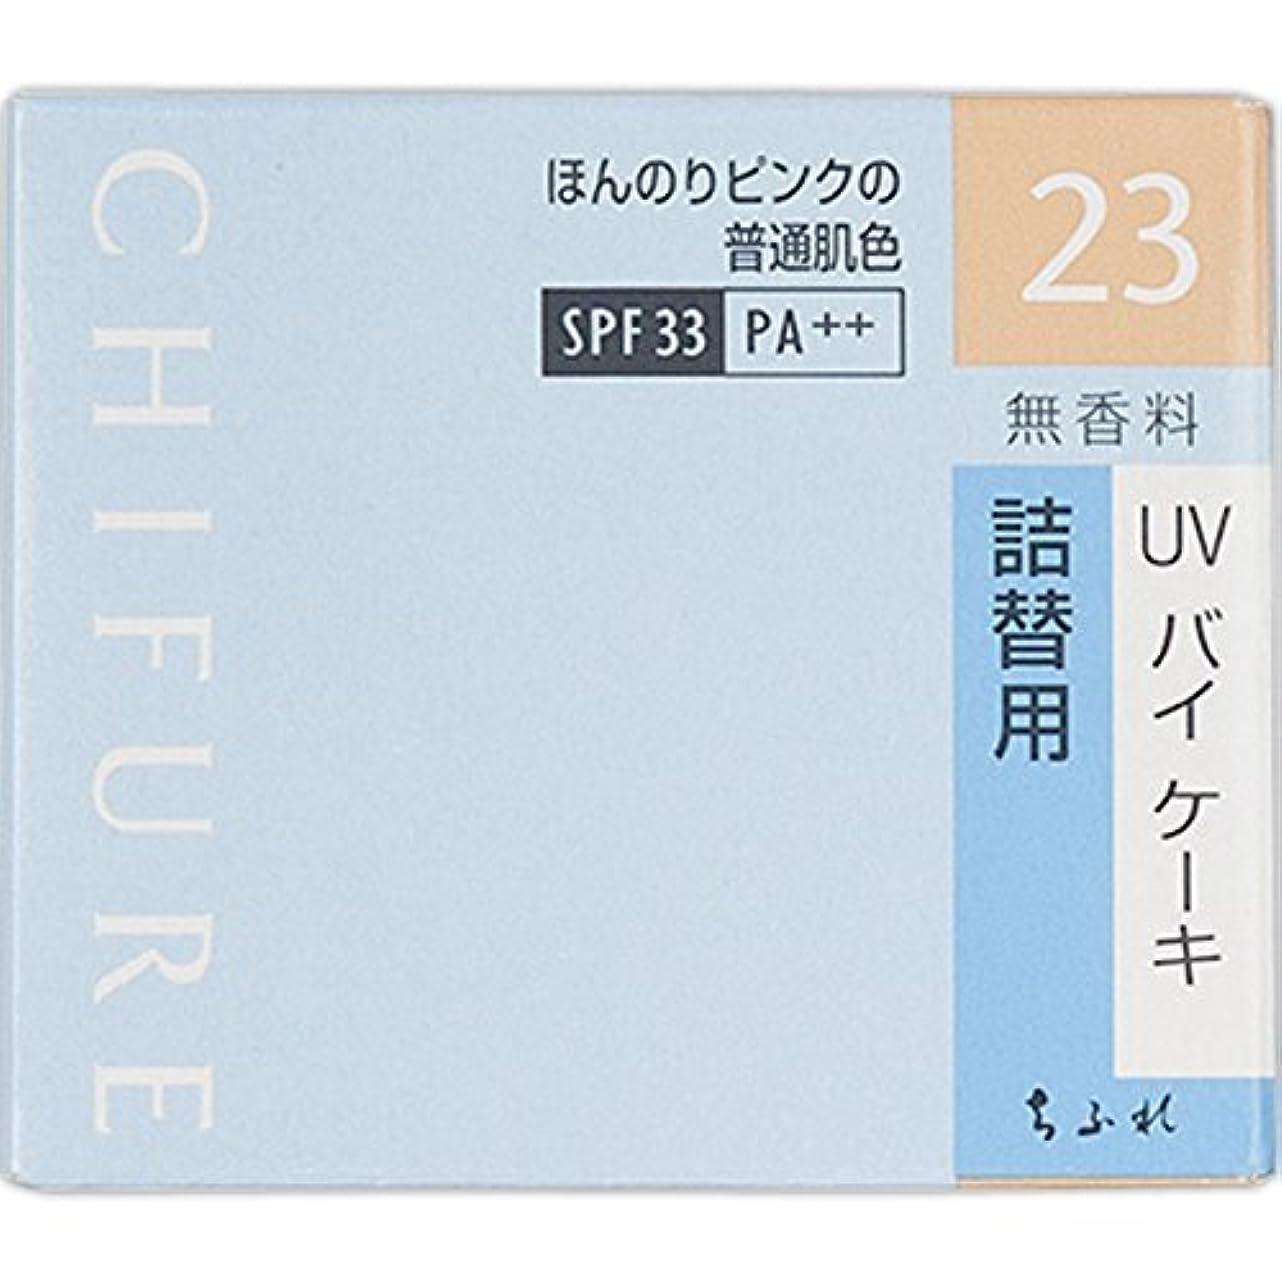 サイクロプス取り替えるクリップちふれ化粧品 UV バイ ケーキ 詰替用 23 ほんのりピンク普通肌色 14g